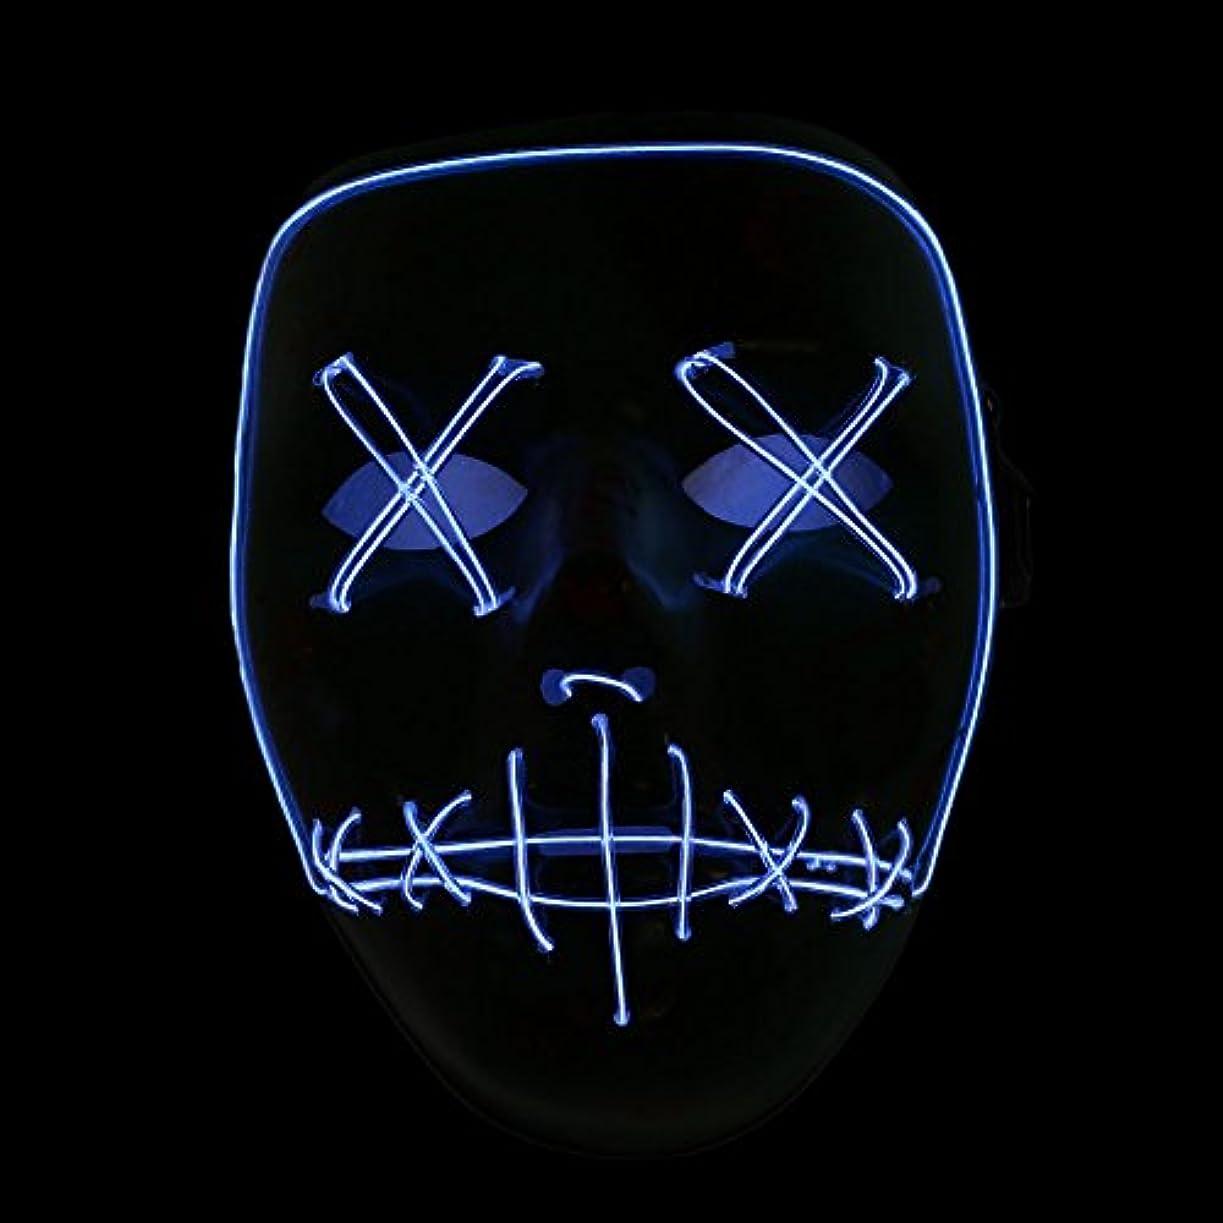 充電一般的なキャラクターAuntwhale ハロウィーンマスク大人恐怖コスチューム、光るゴーストフェイスファンシーマスカレードパーティーハロウィンマスク、フェスティバル通気性ギフトヘッドマスク